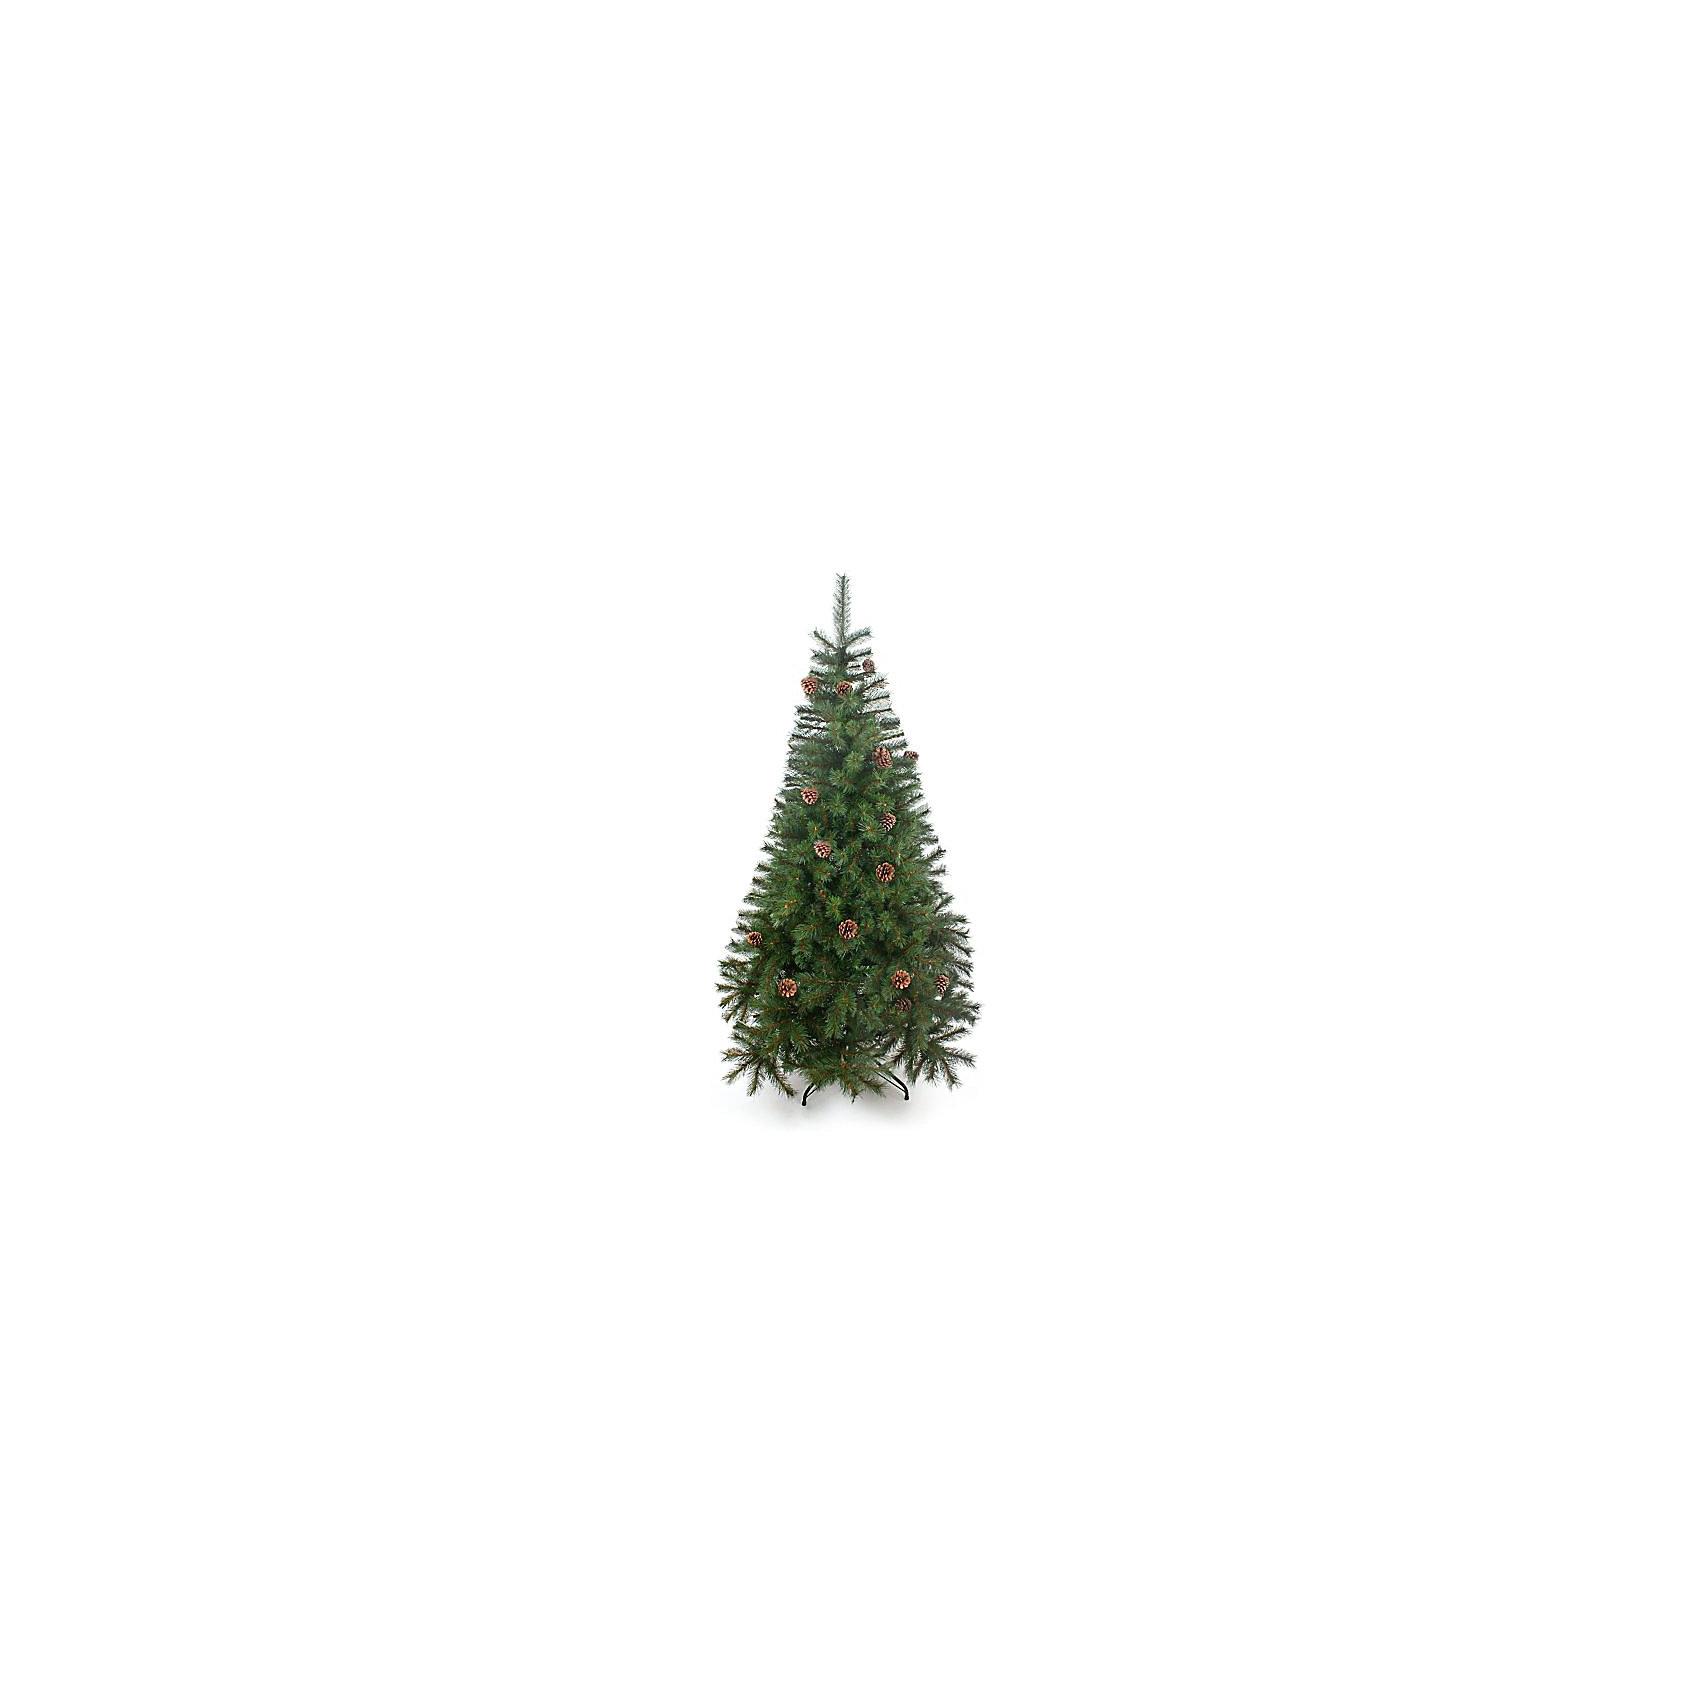 Венская ель с шишками 90 смМатериал - ветви из лески. Тип иглы сосна - 3,8и 3,3 см. 1 секция, 118 веточек, диаметр нижней кроны - 50,8 см. Подставка - пластик. Натуральные шишки. Комбинация двух цветовых оттенков, легкий просвет, имитация древесины - все это выглядит потрясающе натурально. Густая пушистая крона. Стоит только собрать секции, распрямить ветви и распушить их.<br><br>Ширина мм: 300<br>Глубина мм: 800<br>Высота мм: 300<br>Вес г: 2<br>Возраст от месяцев: 72<br>Возраст до месяцев: 540<br>Пол: Унисекс<br>Возраст: Детский<br>SKU: 5171933